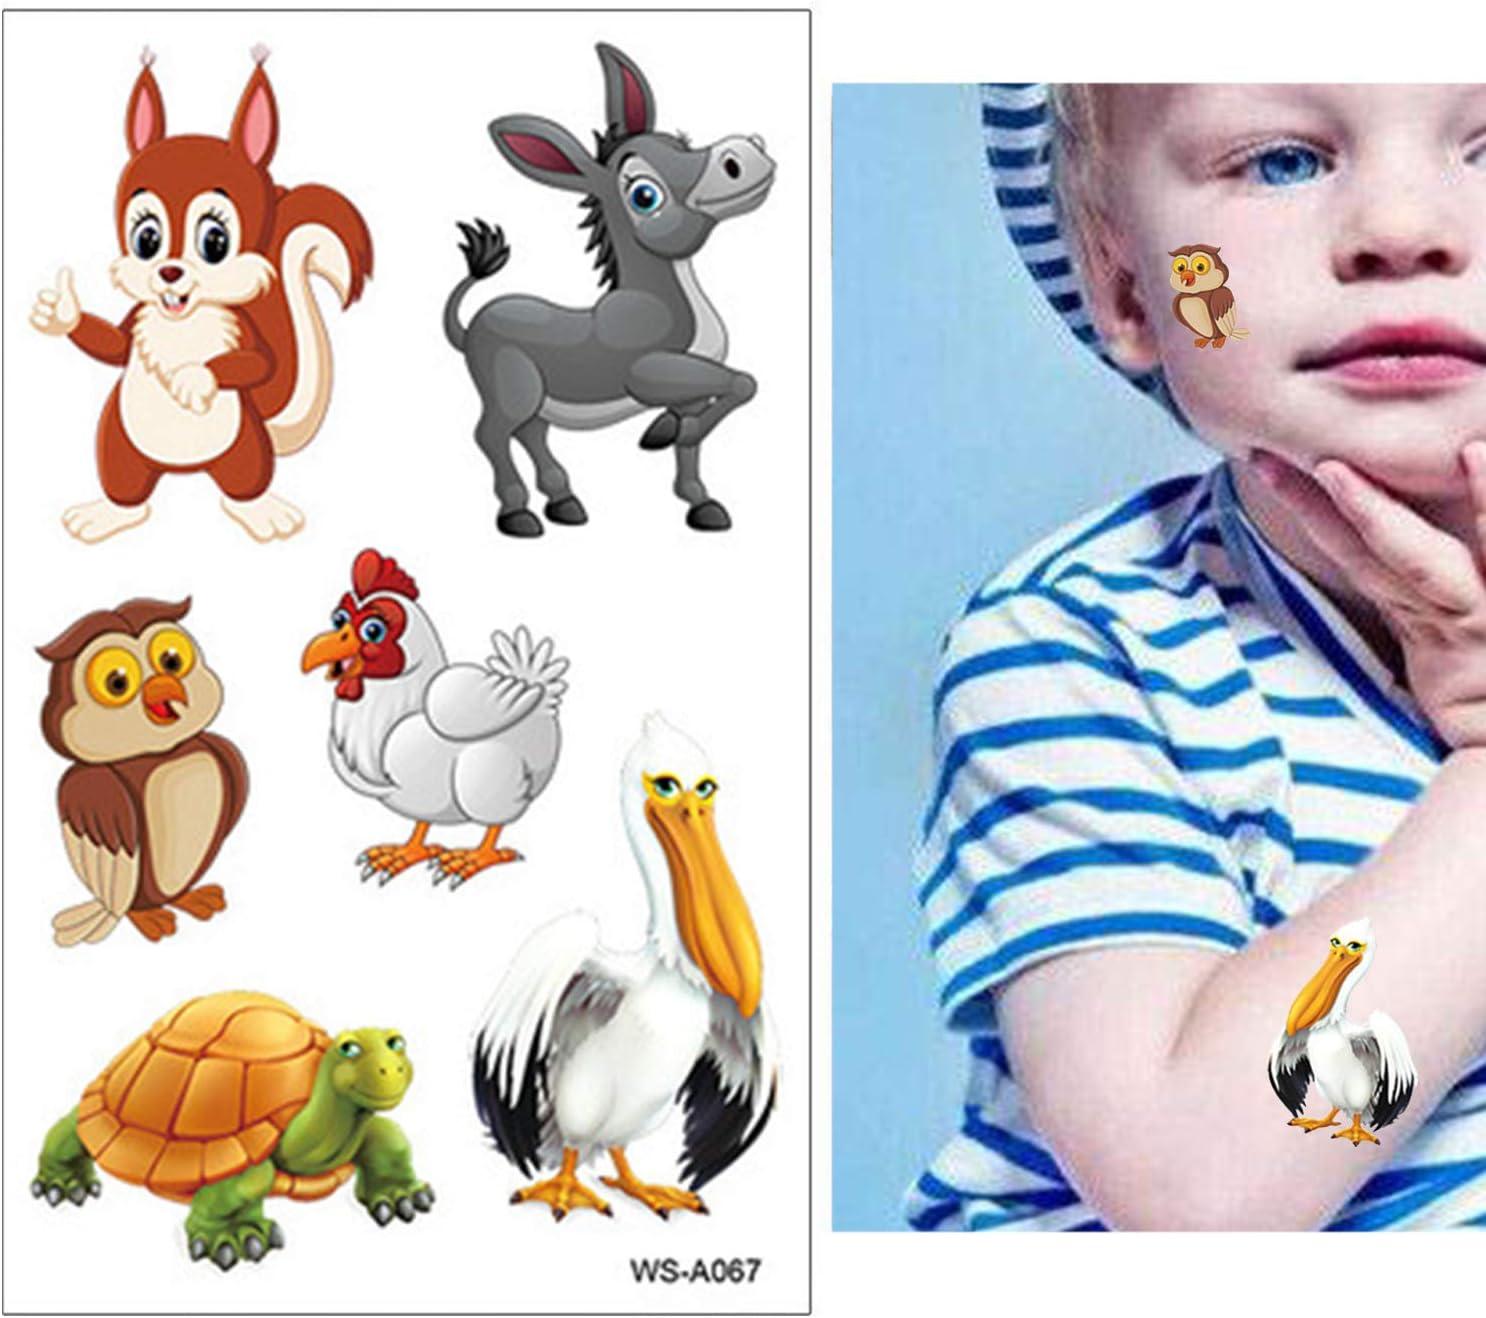 SZSMART Tiere Tempor/äre Tattoos Kinder B/är Tattoos Set Panda Kindertatoo Fake Tattoos Kindertatoo Kindergeburtstag Party Mitgebsel Geschenk Party Lieferungen f/ür Junge M/ädchen